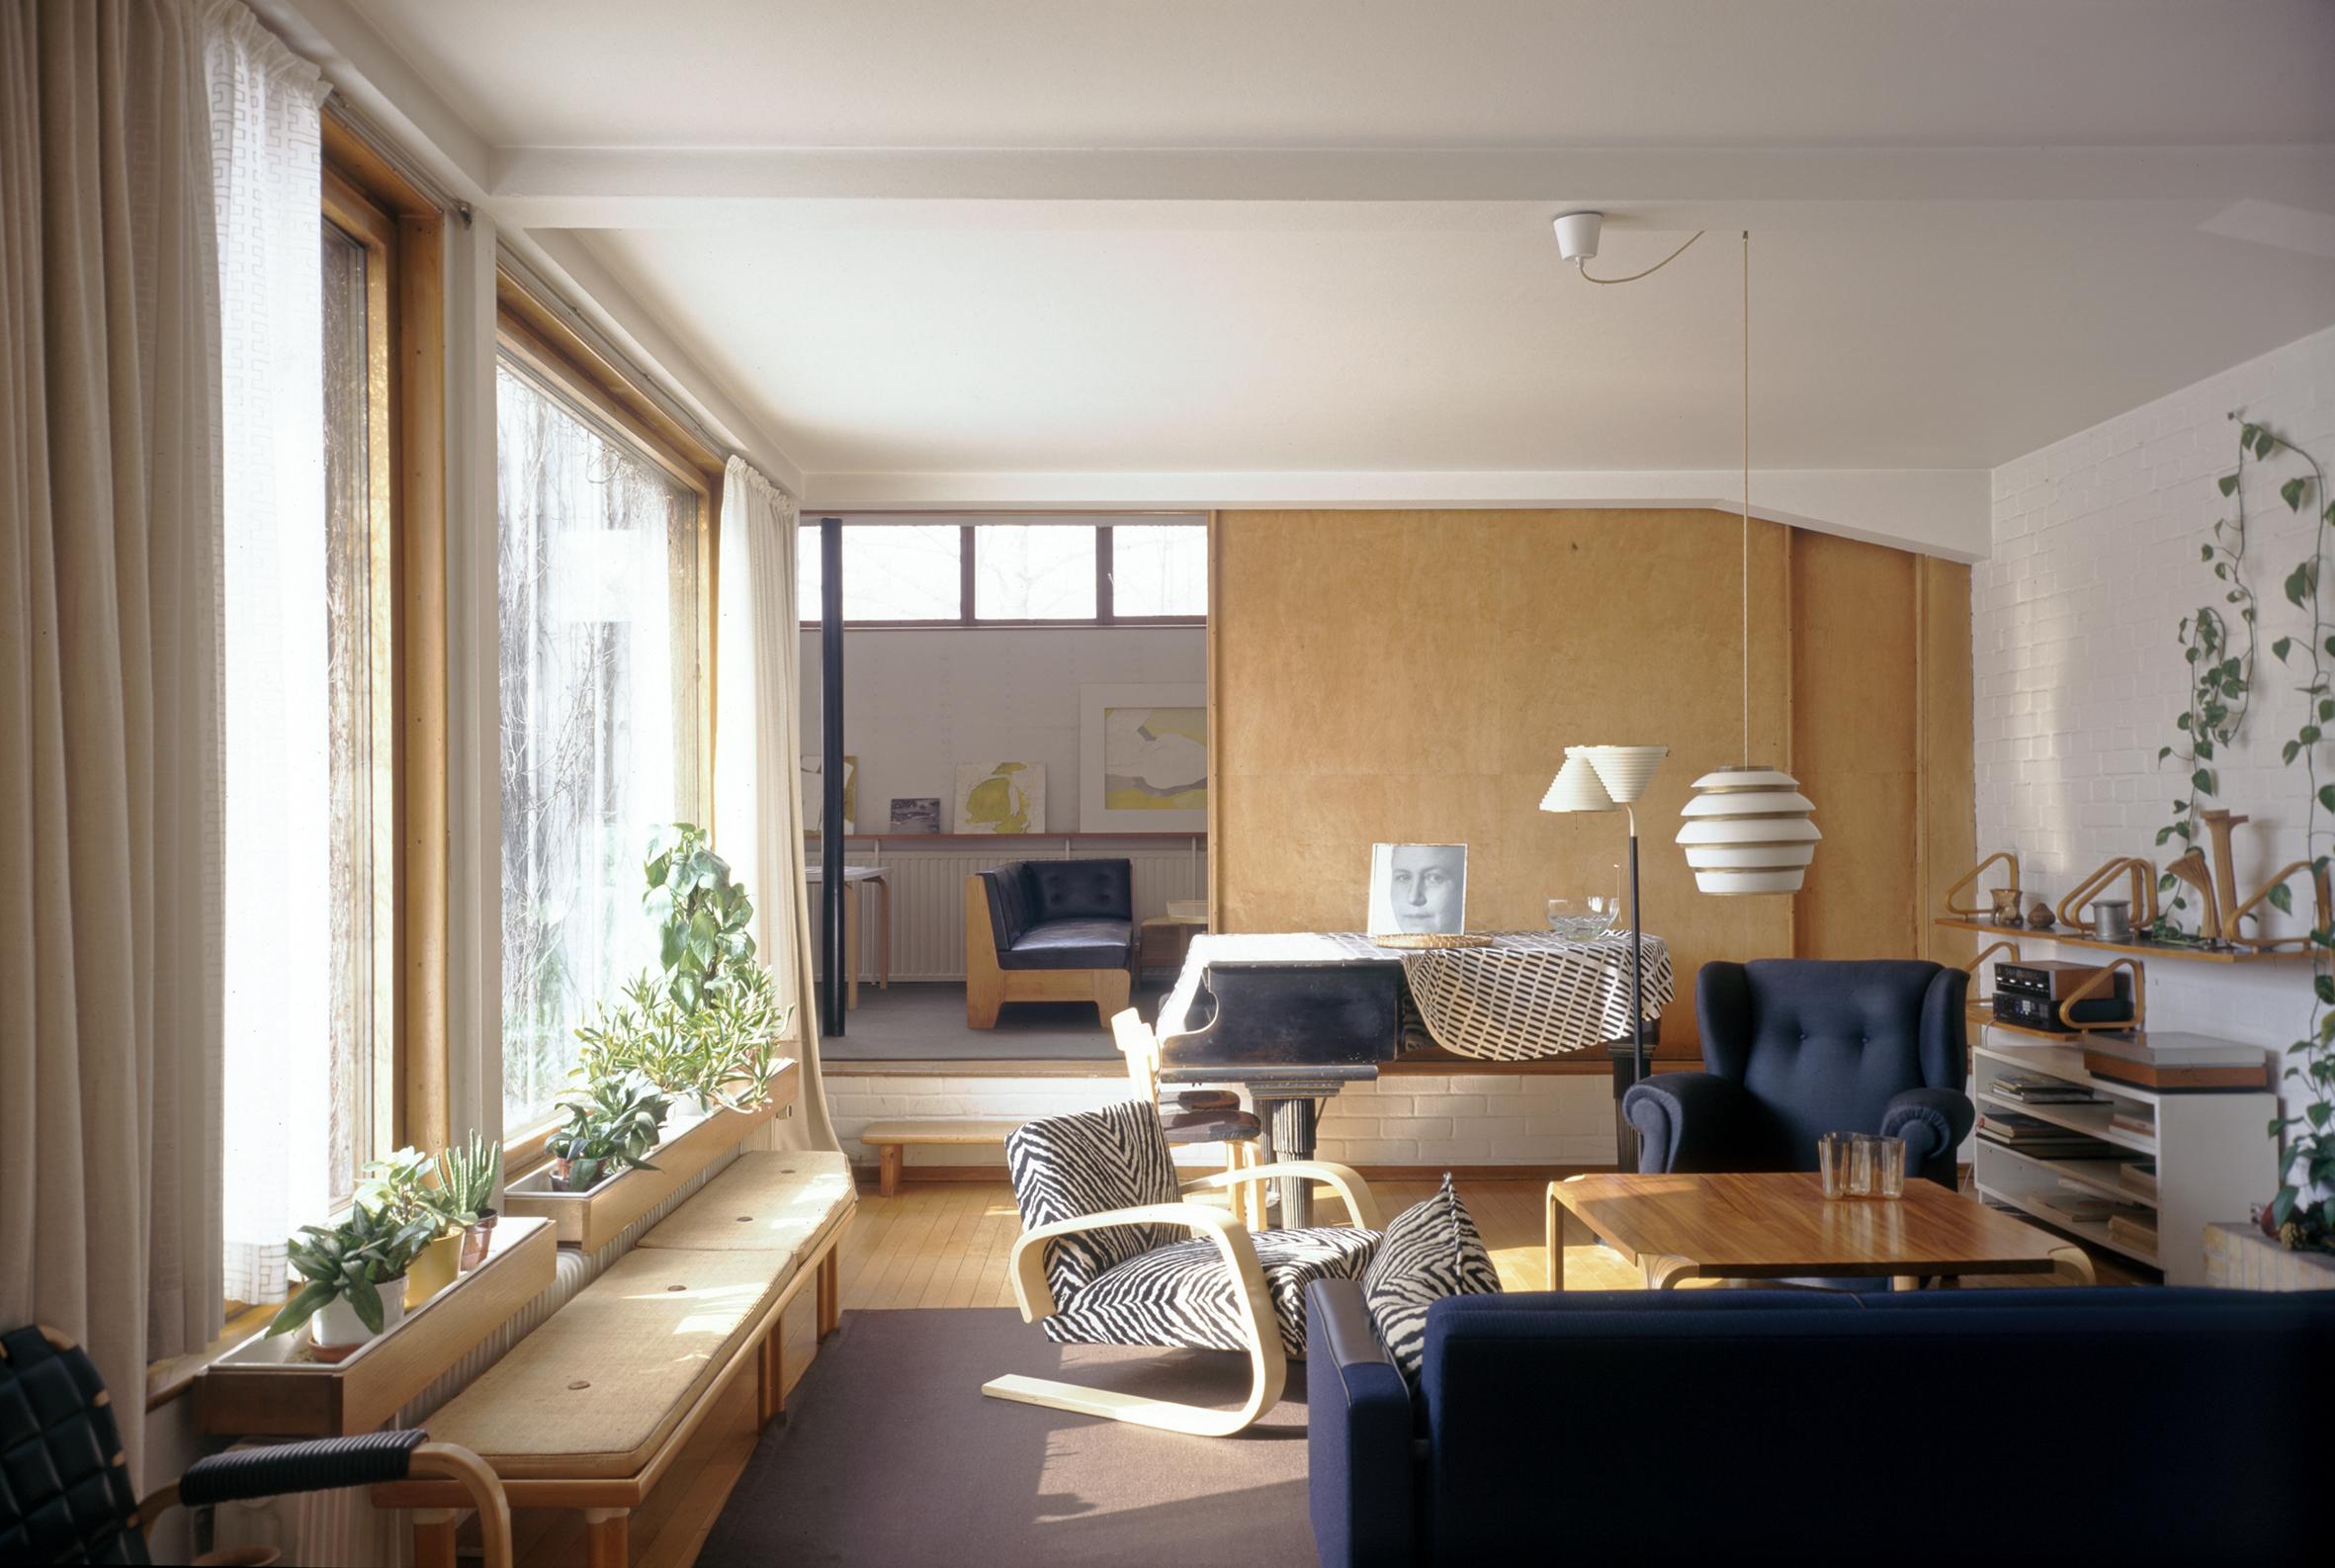 Laajalahden museot – seitsemän helmeä pääkaupungin länsirannikolla - Alvar Aalto Foundation ...